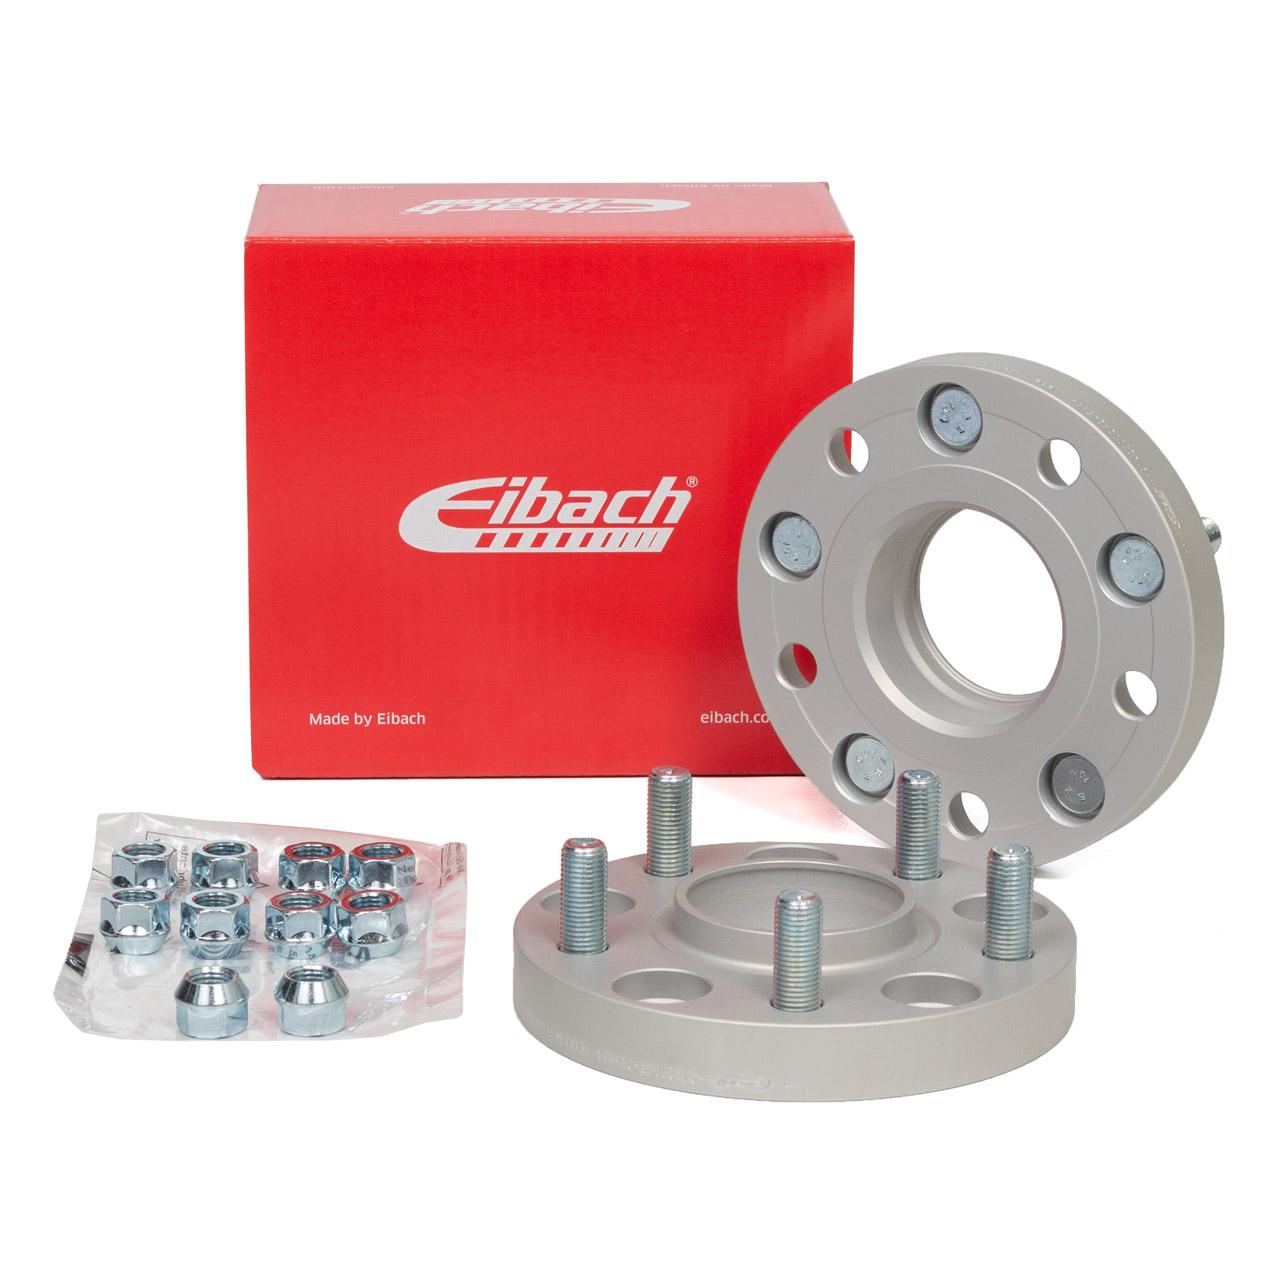 EIBACH S90-4-23-002 PRO SPACER 46mm Spurverbreiterung PORSCHE 993 + 944